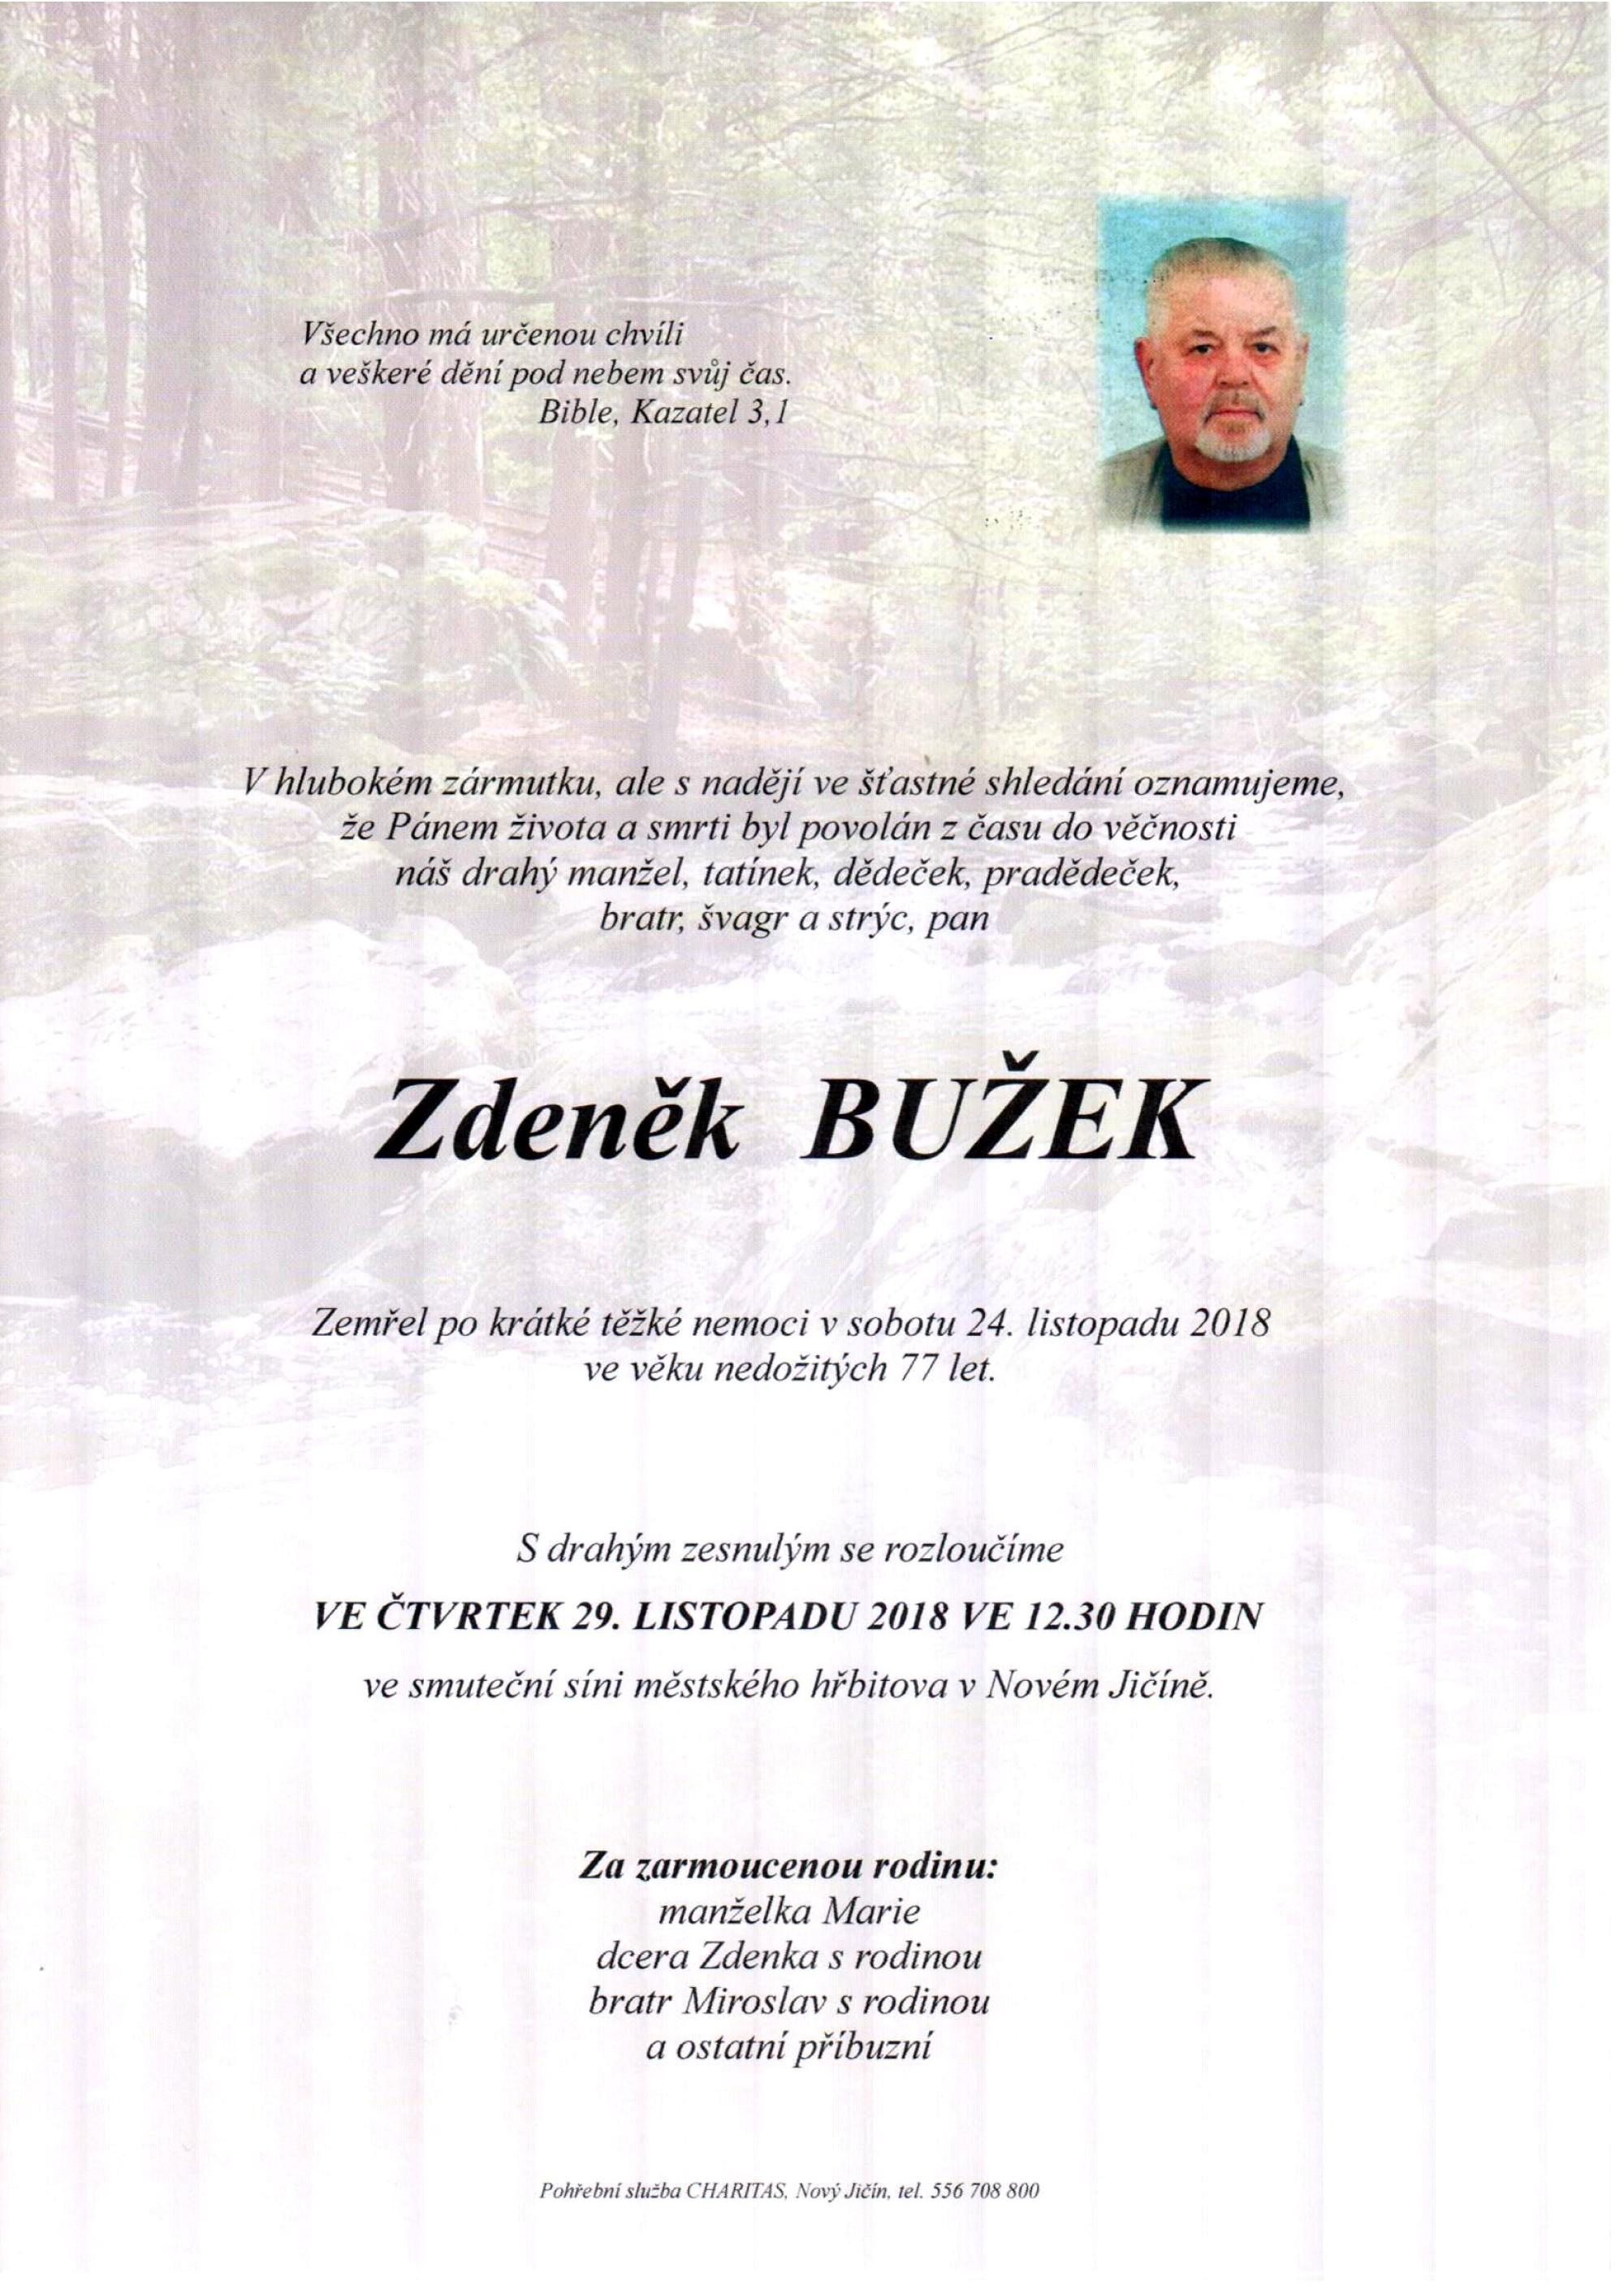 Zdeněk Bužek